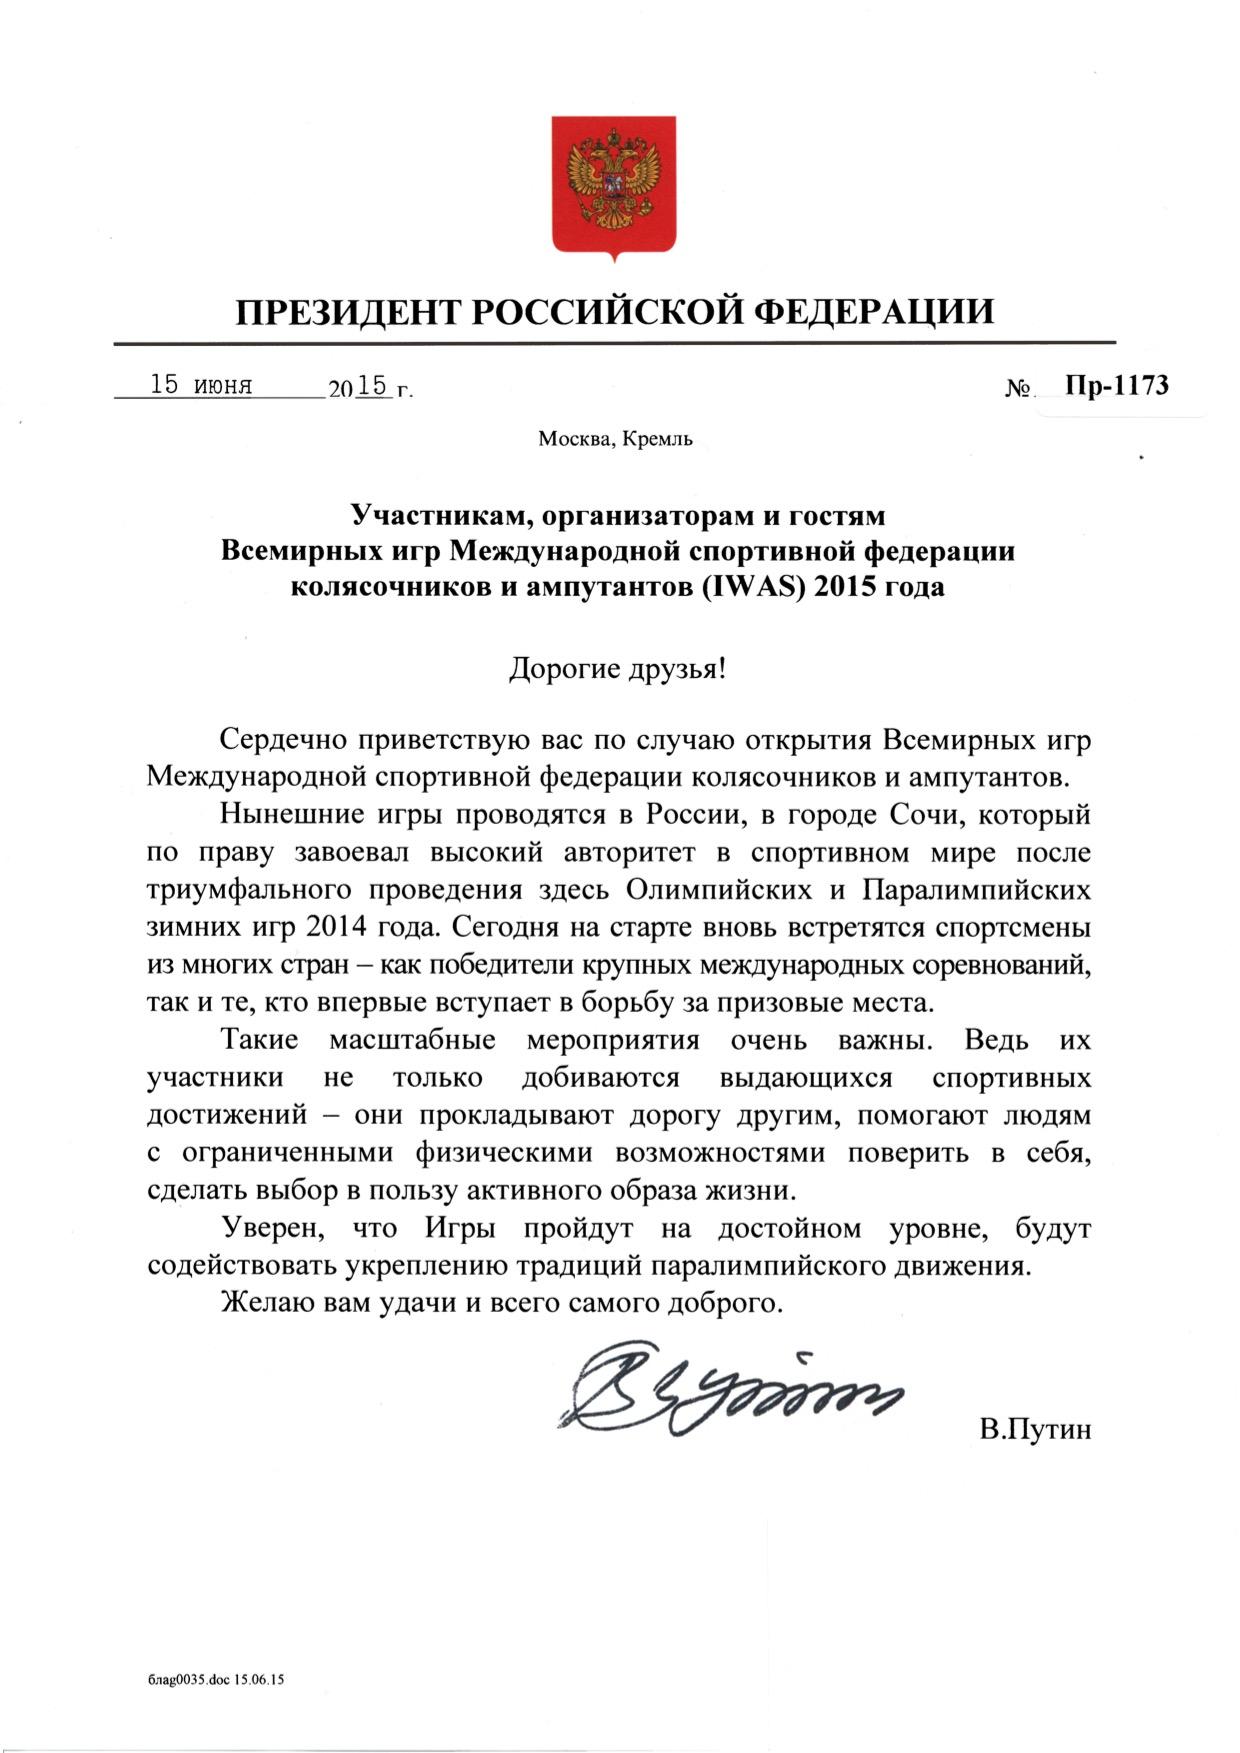 Приветствие участникам Всемирных игр IWAS Президента Российской Федерации В.В. Путина